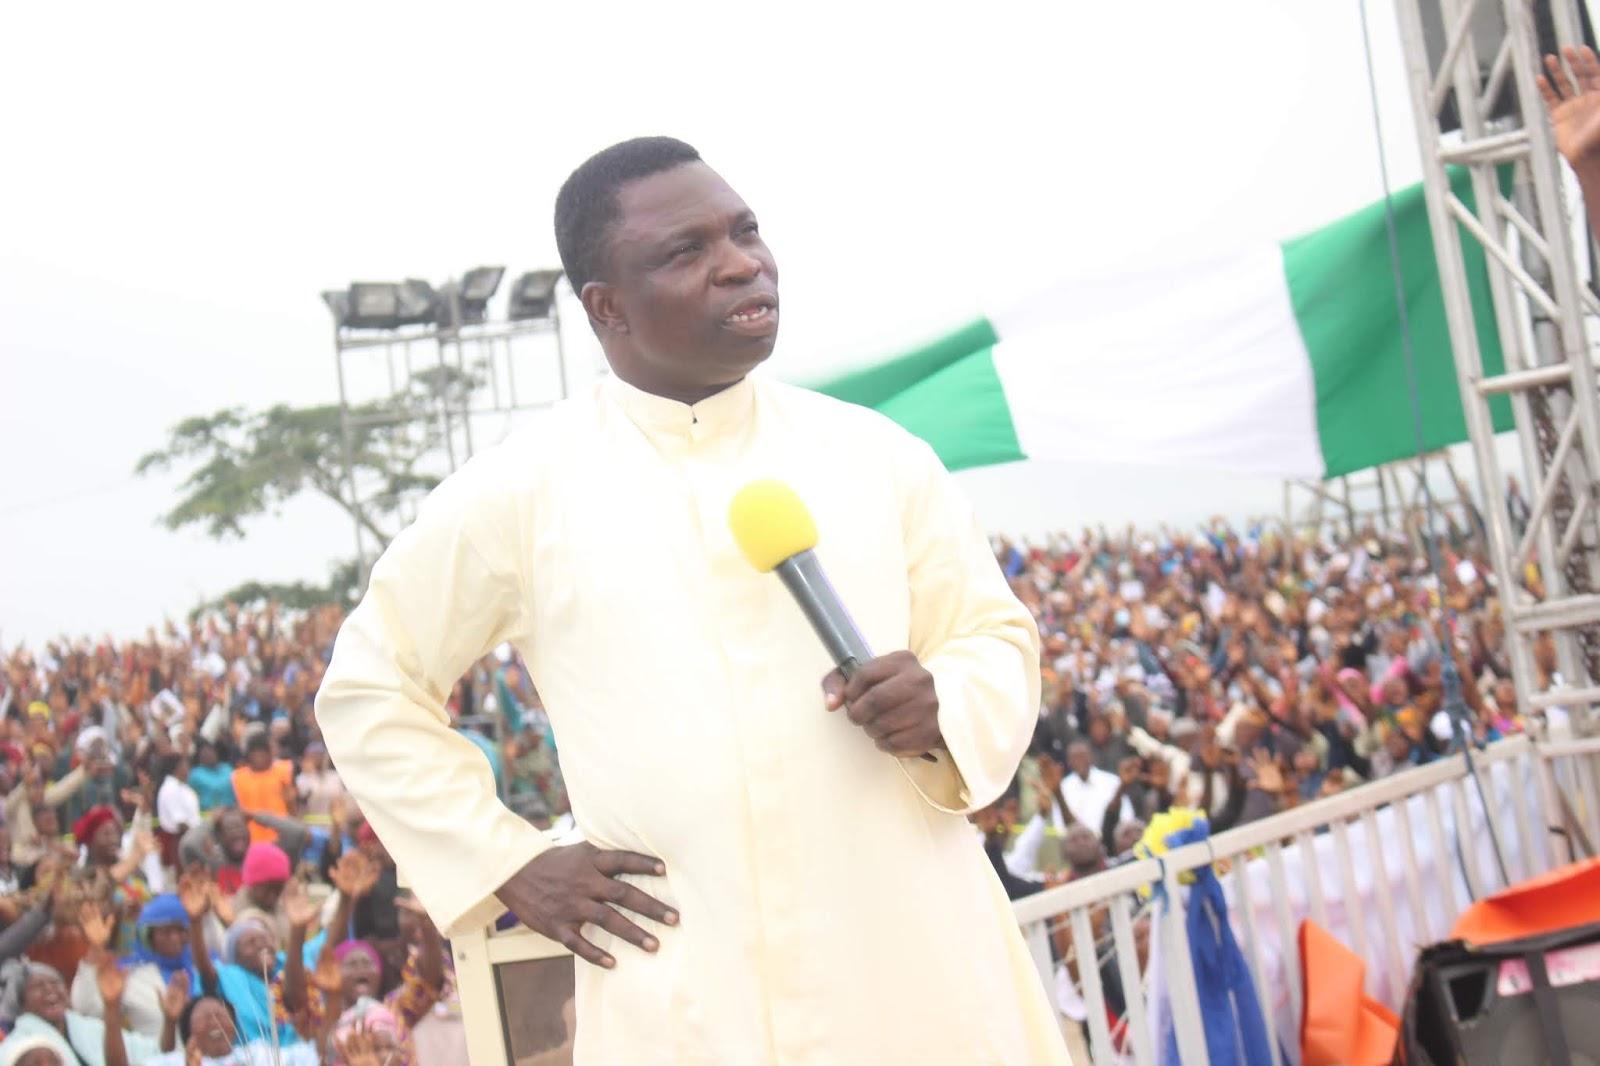 Prophet Hezekiah Oladeji